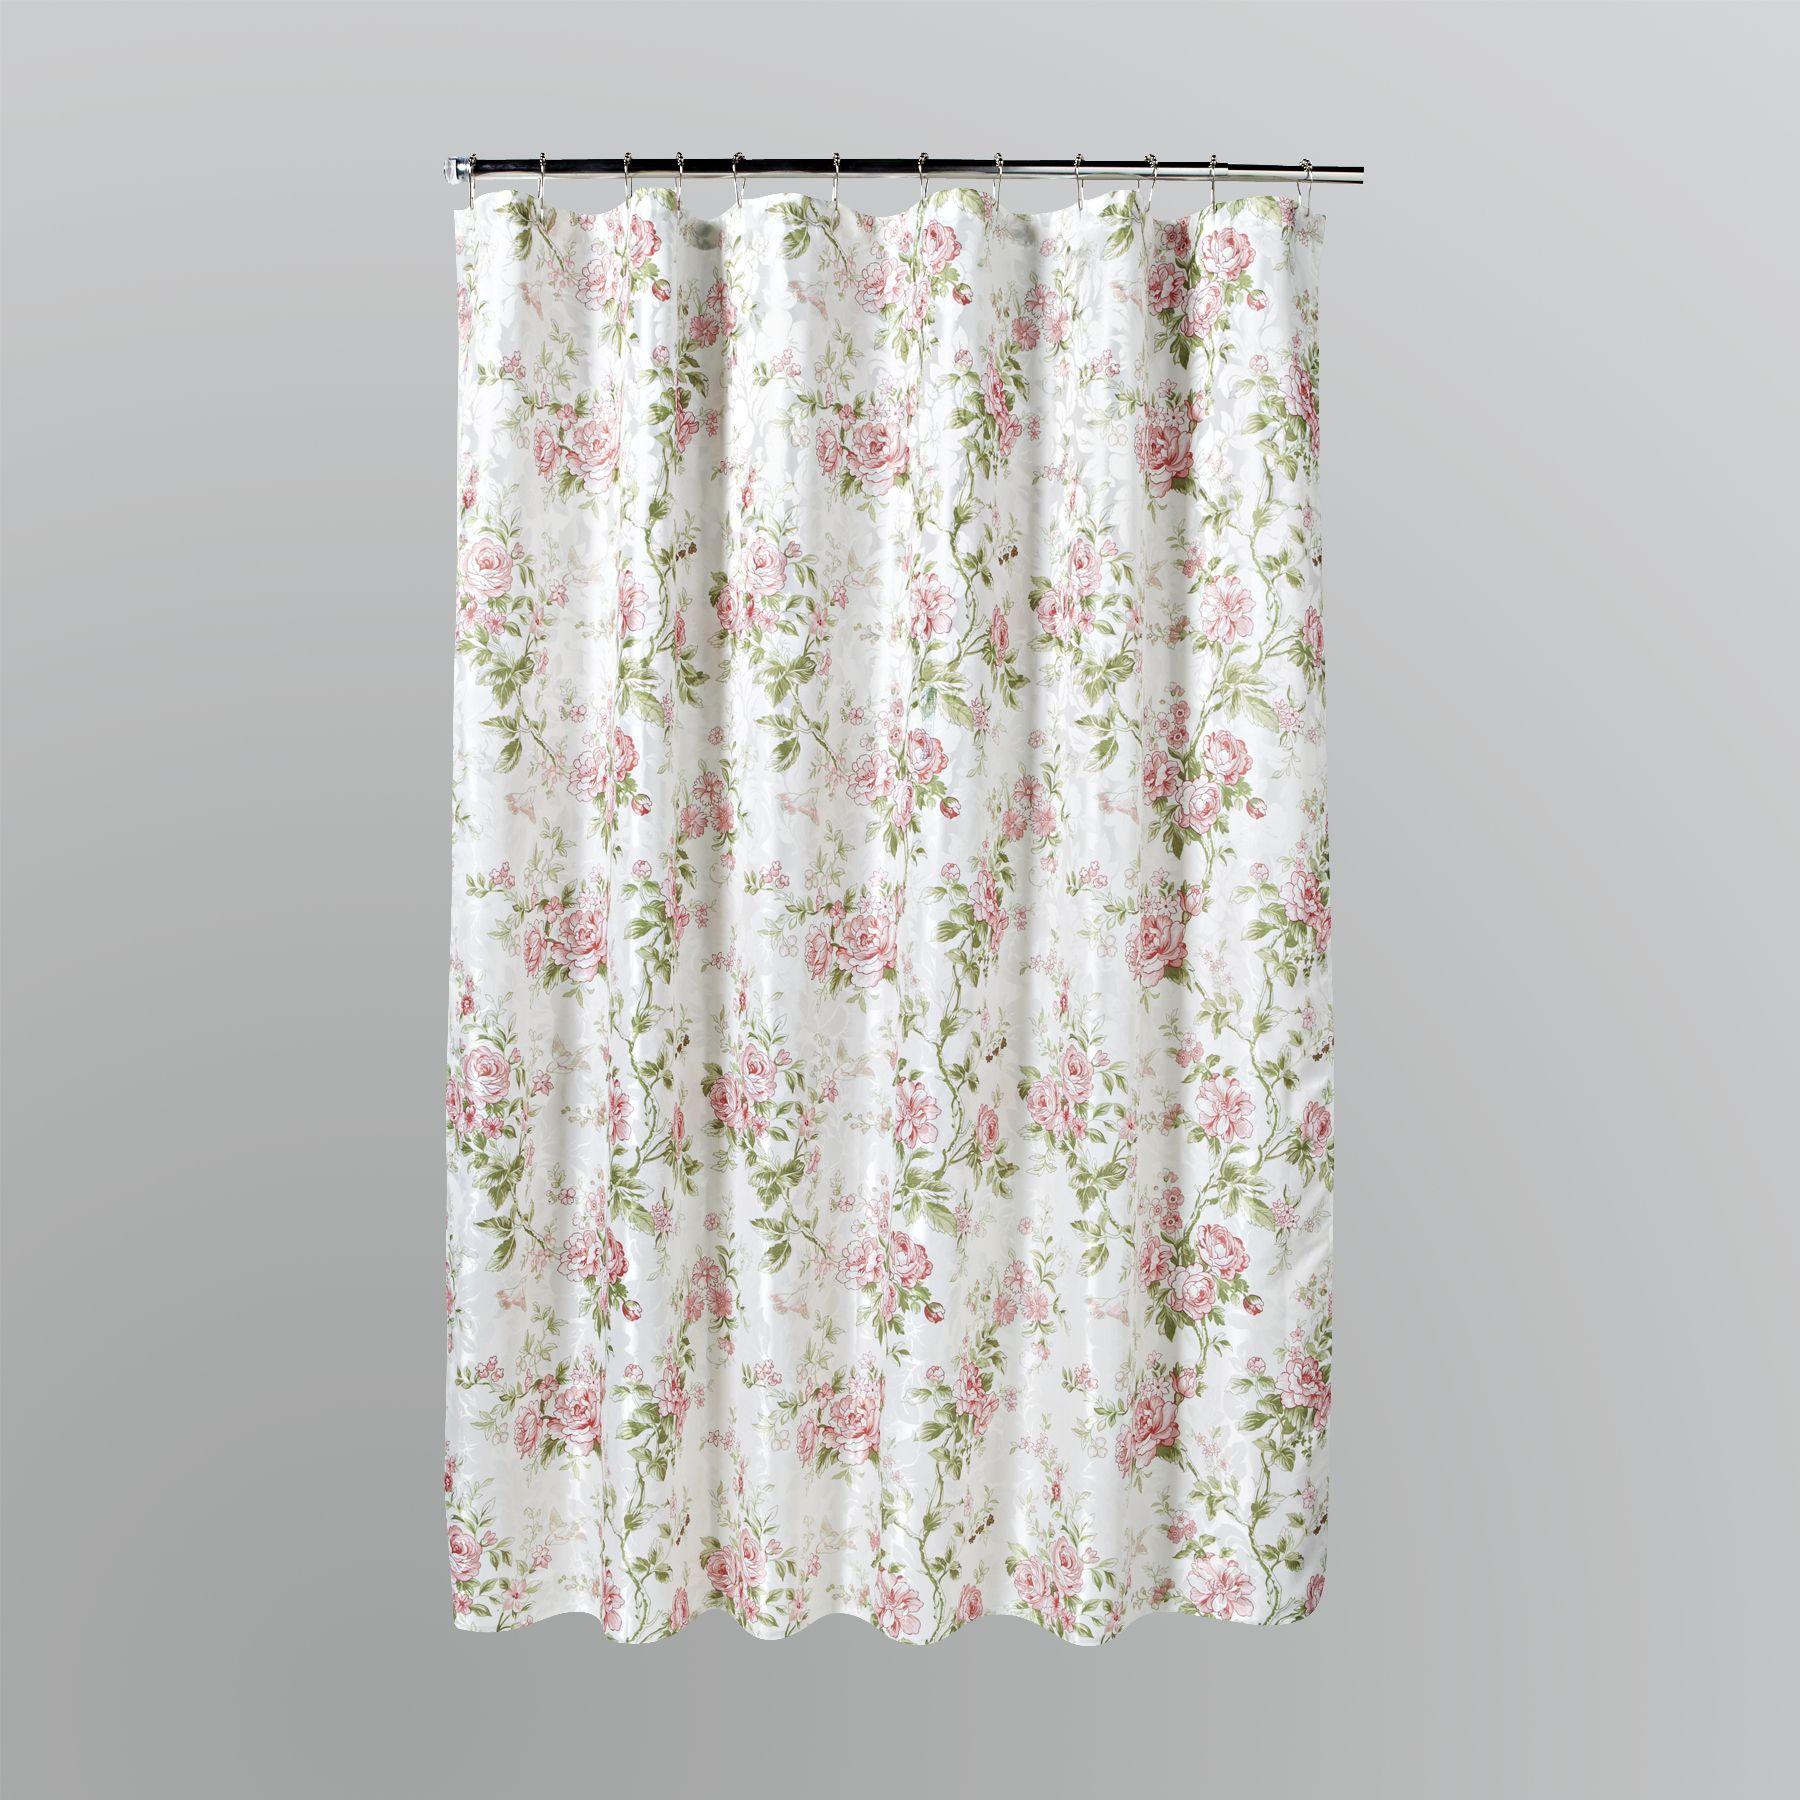 Floral Shower Curtain  Kmartcom  Floral Shower Drape